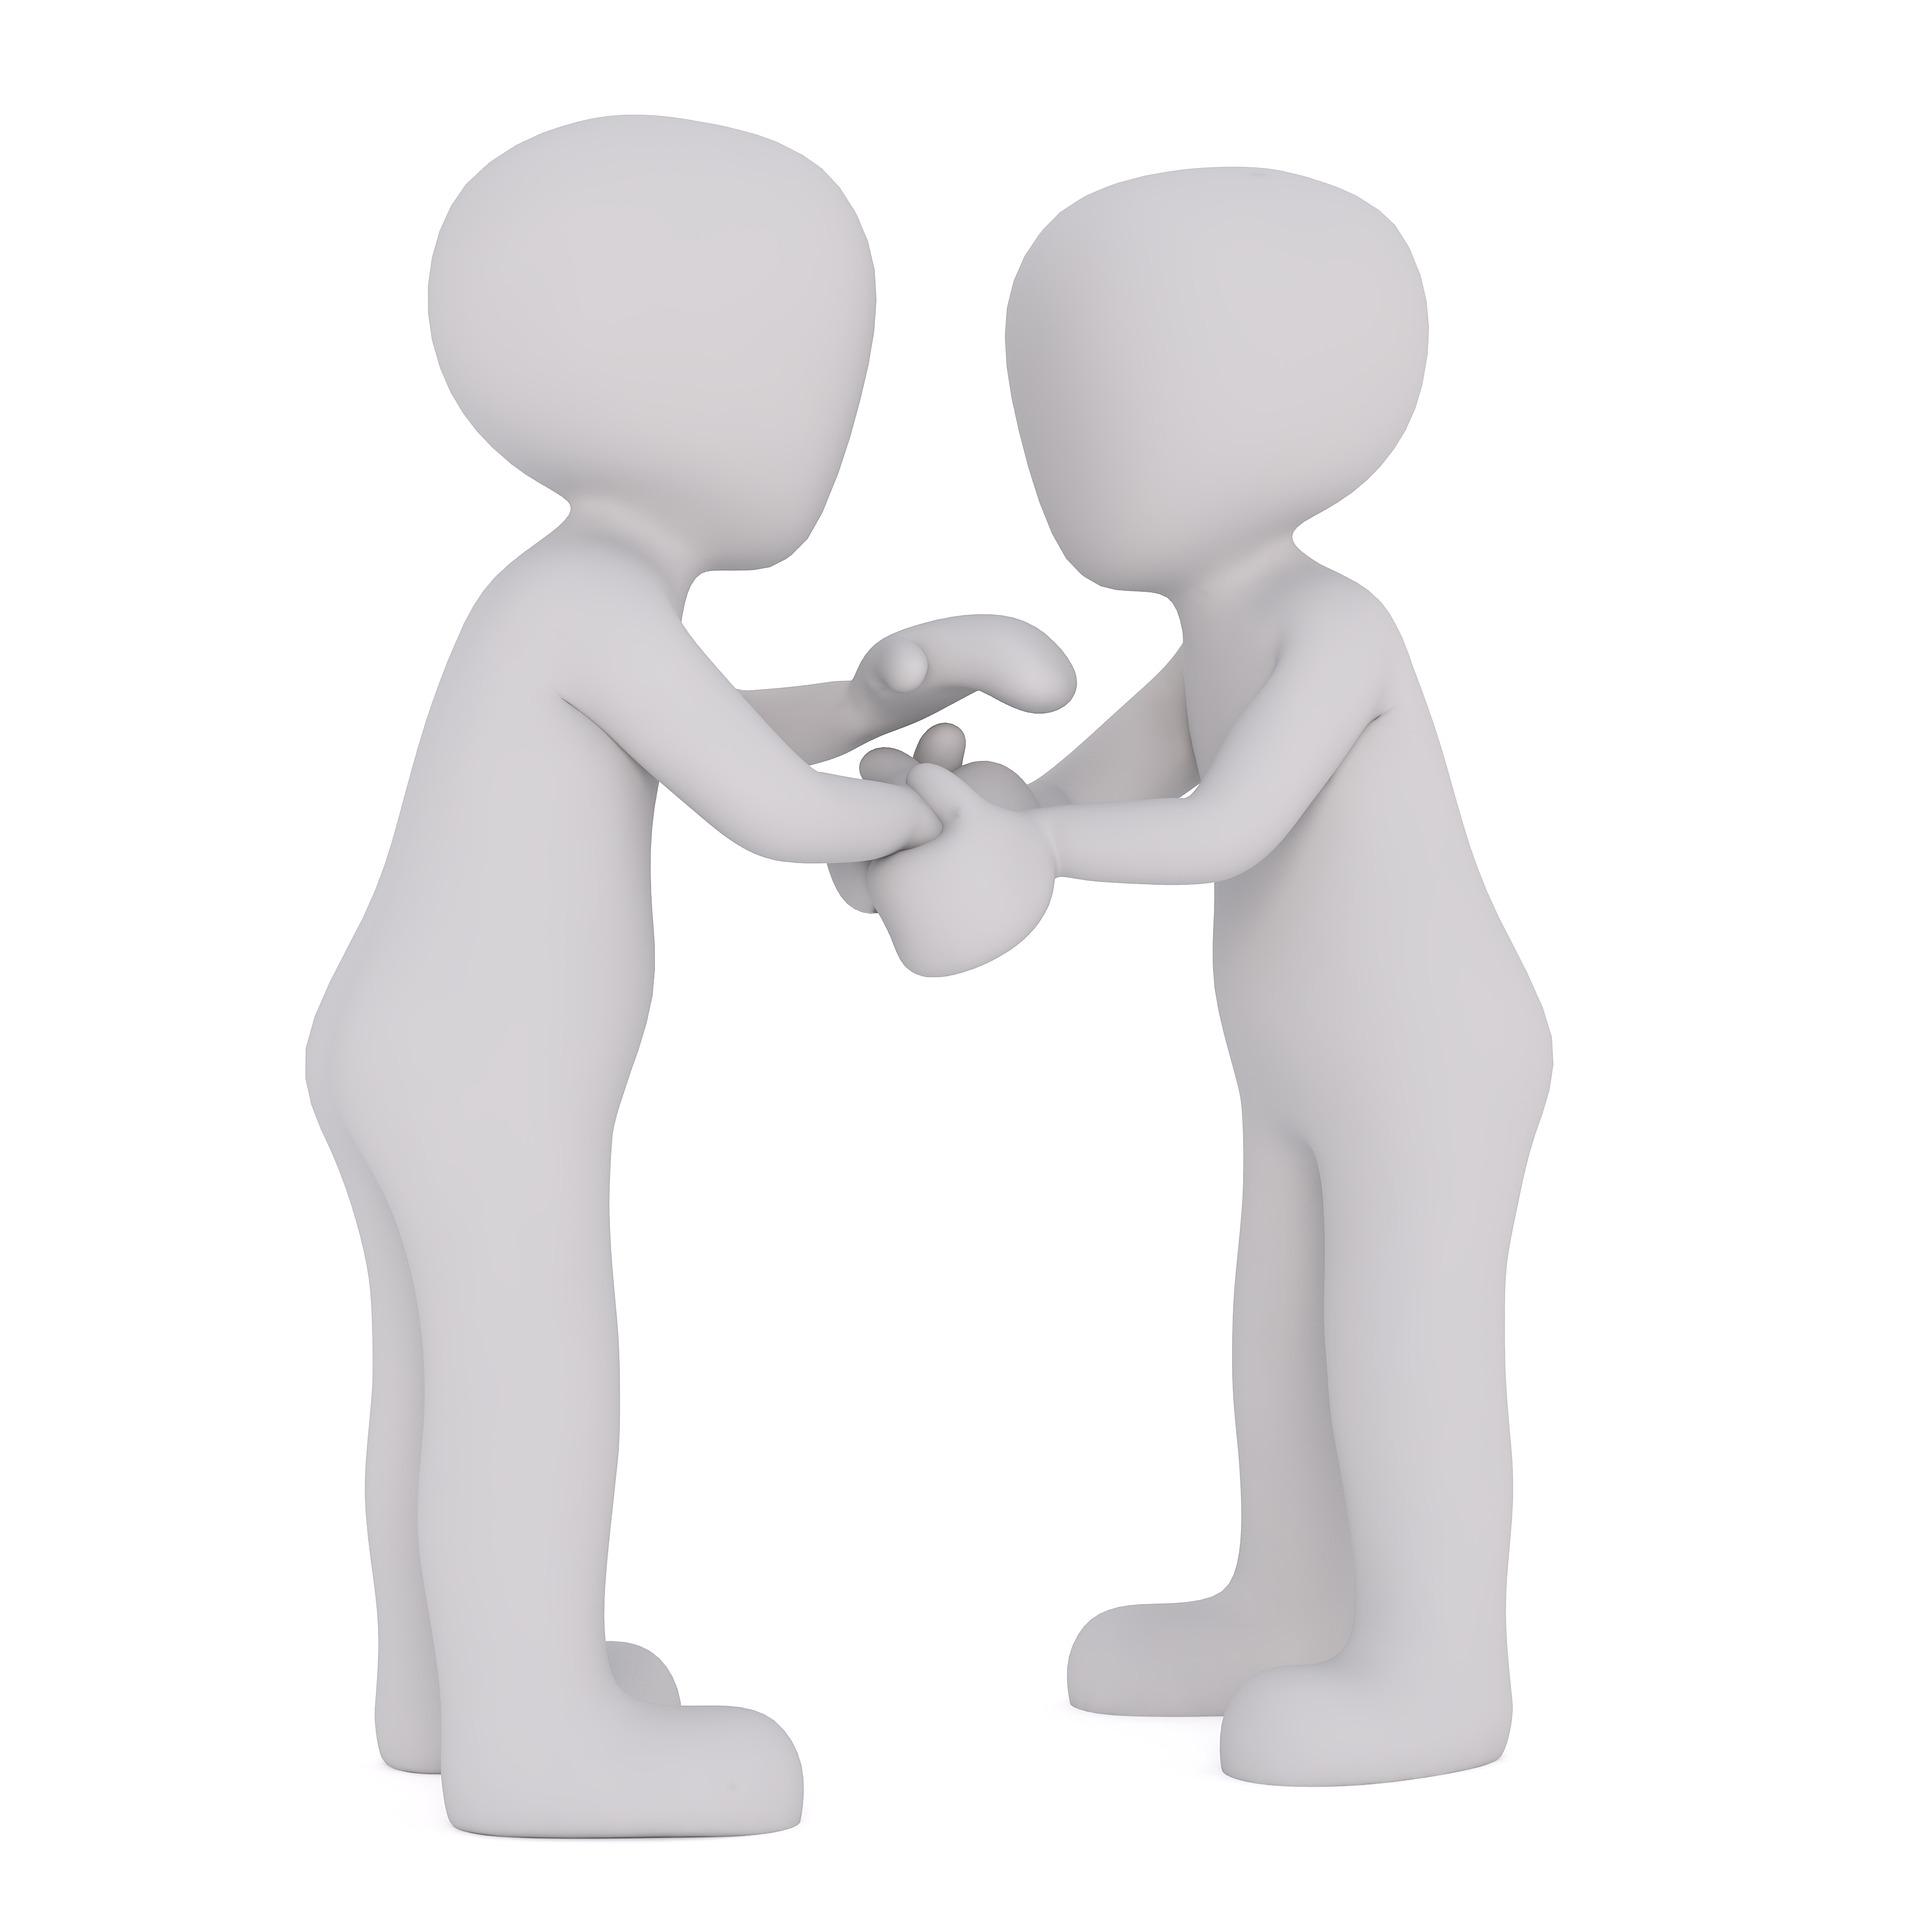 小額借款案例-透過97jez小額借款解決車禍賠償問題